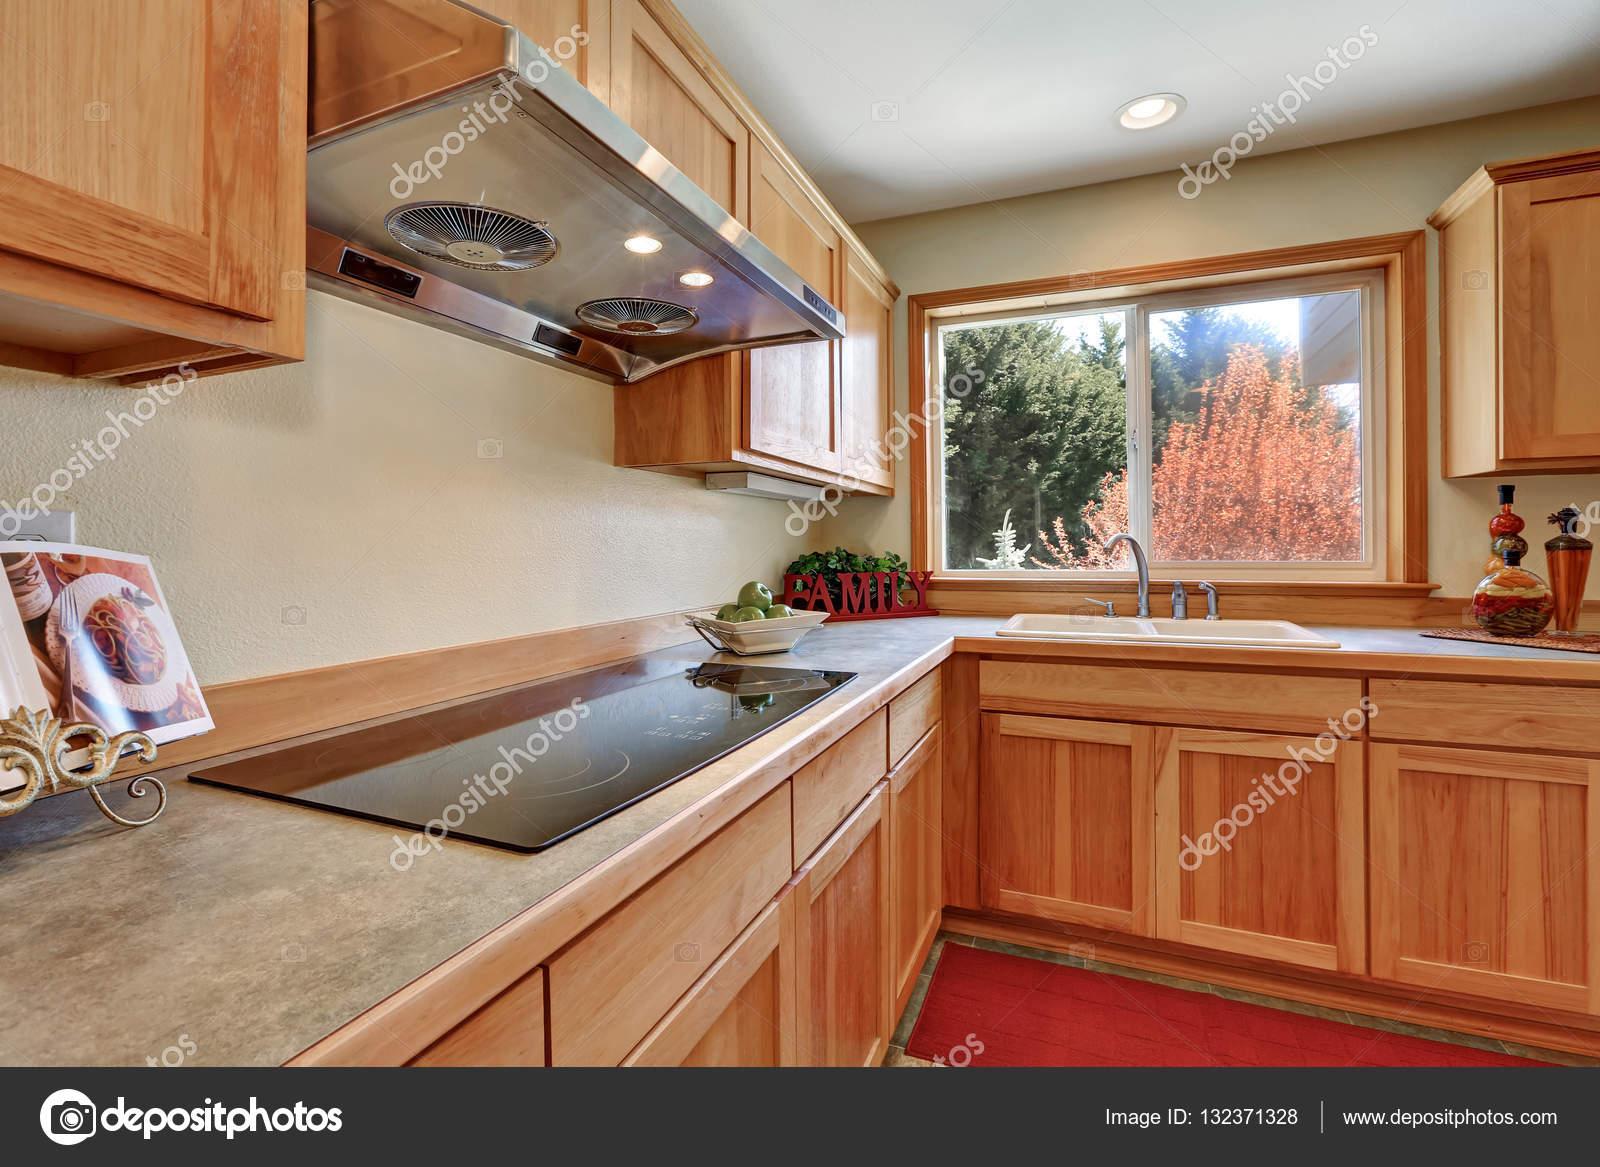 Interiore della cucina con miele mobili ed elettrodomestici da ...